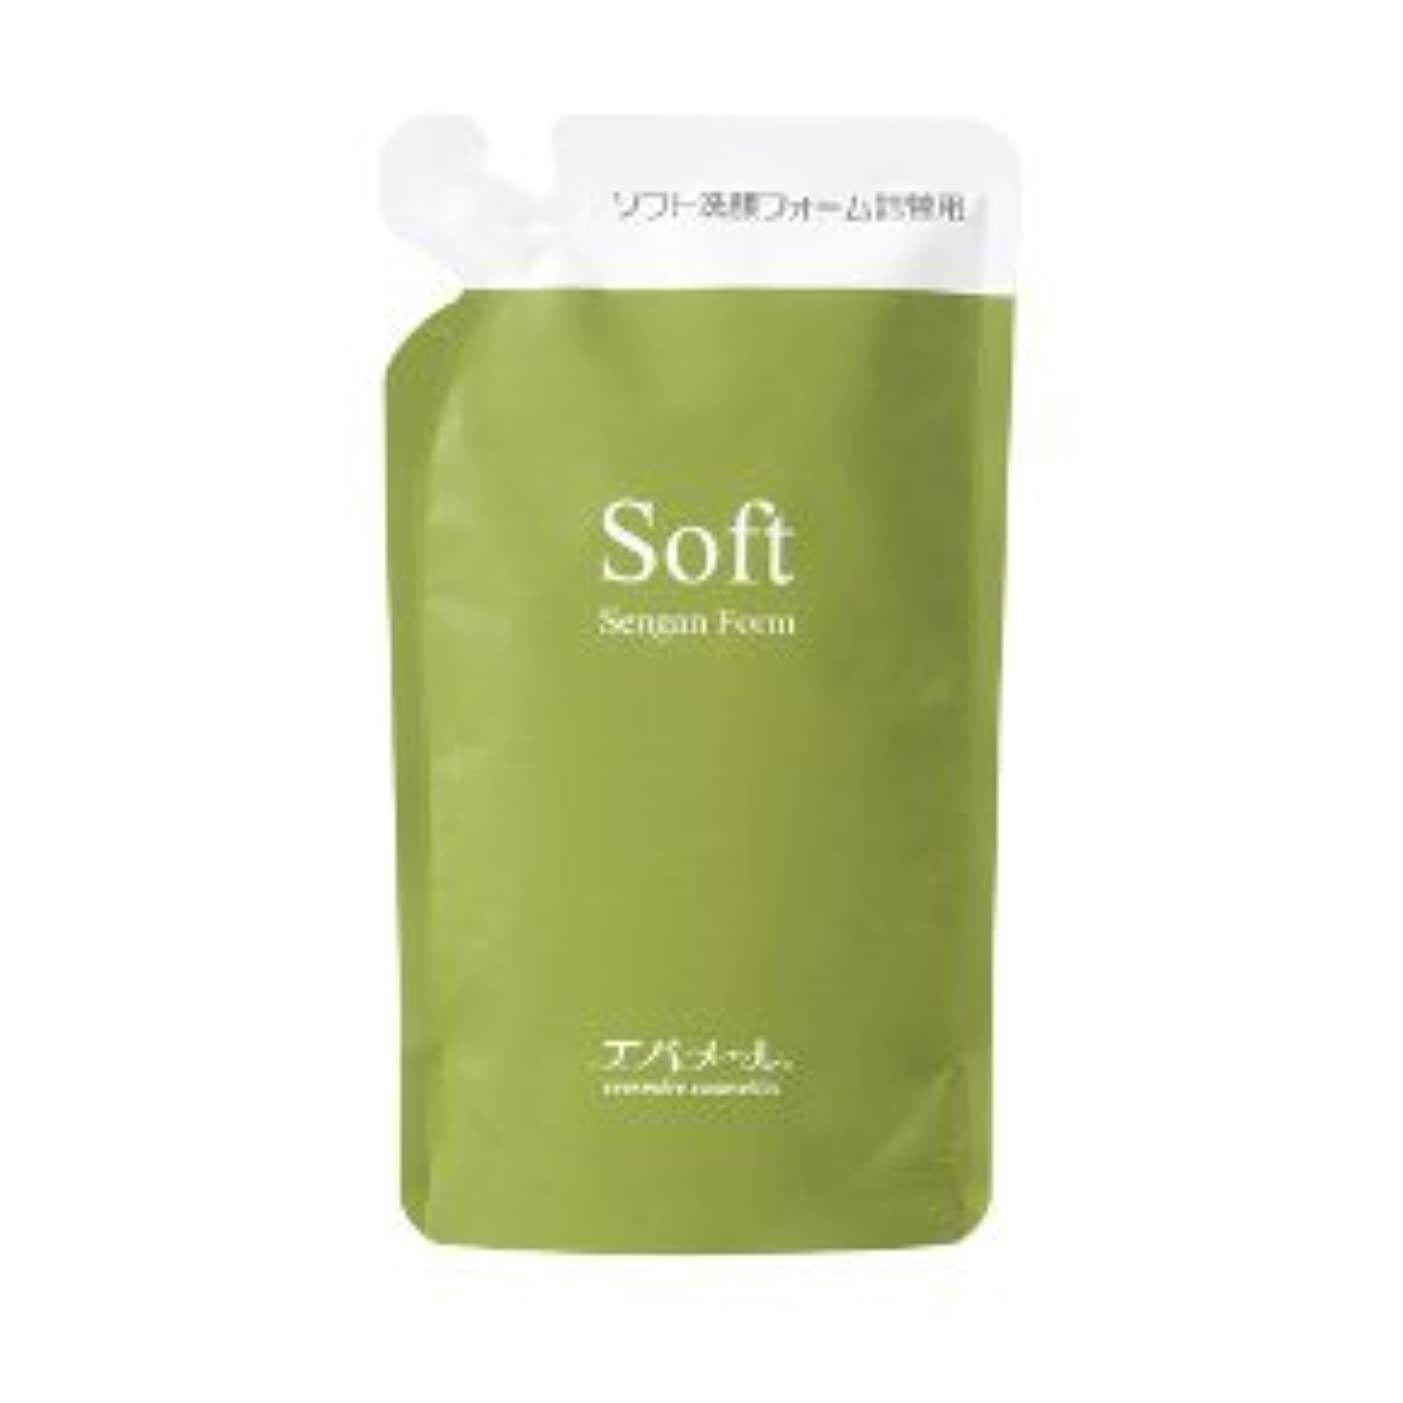 店員心理的に小さなエバメール ソフト洗顔フォーム 200ml レフィル